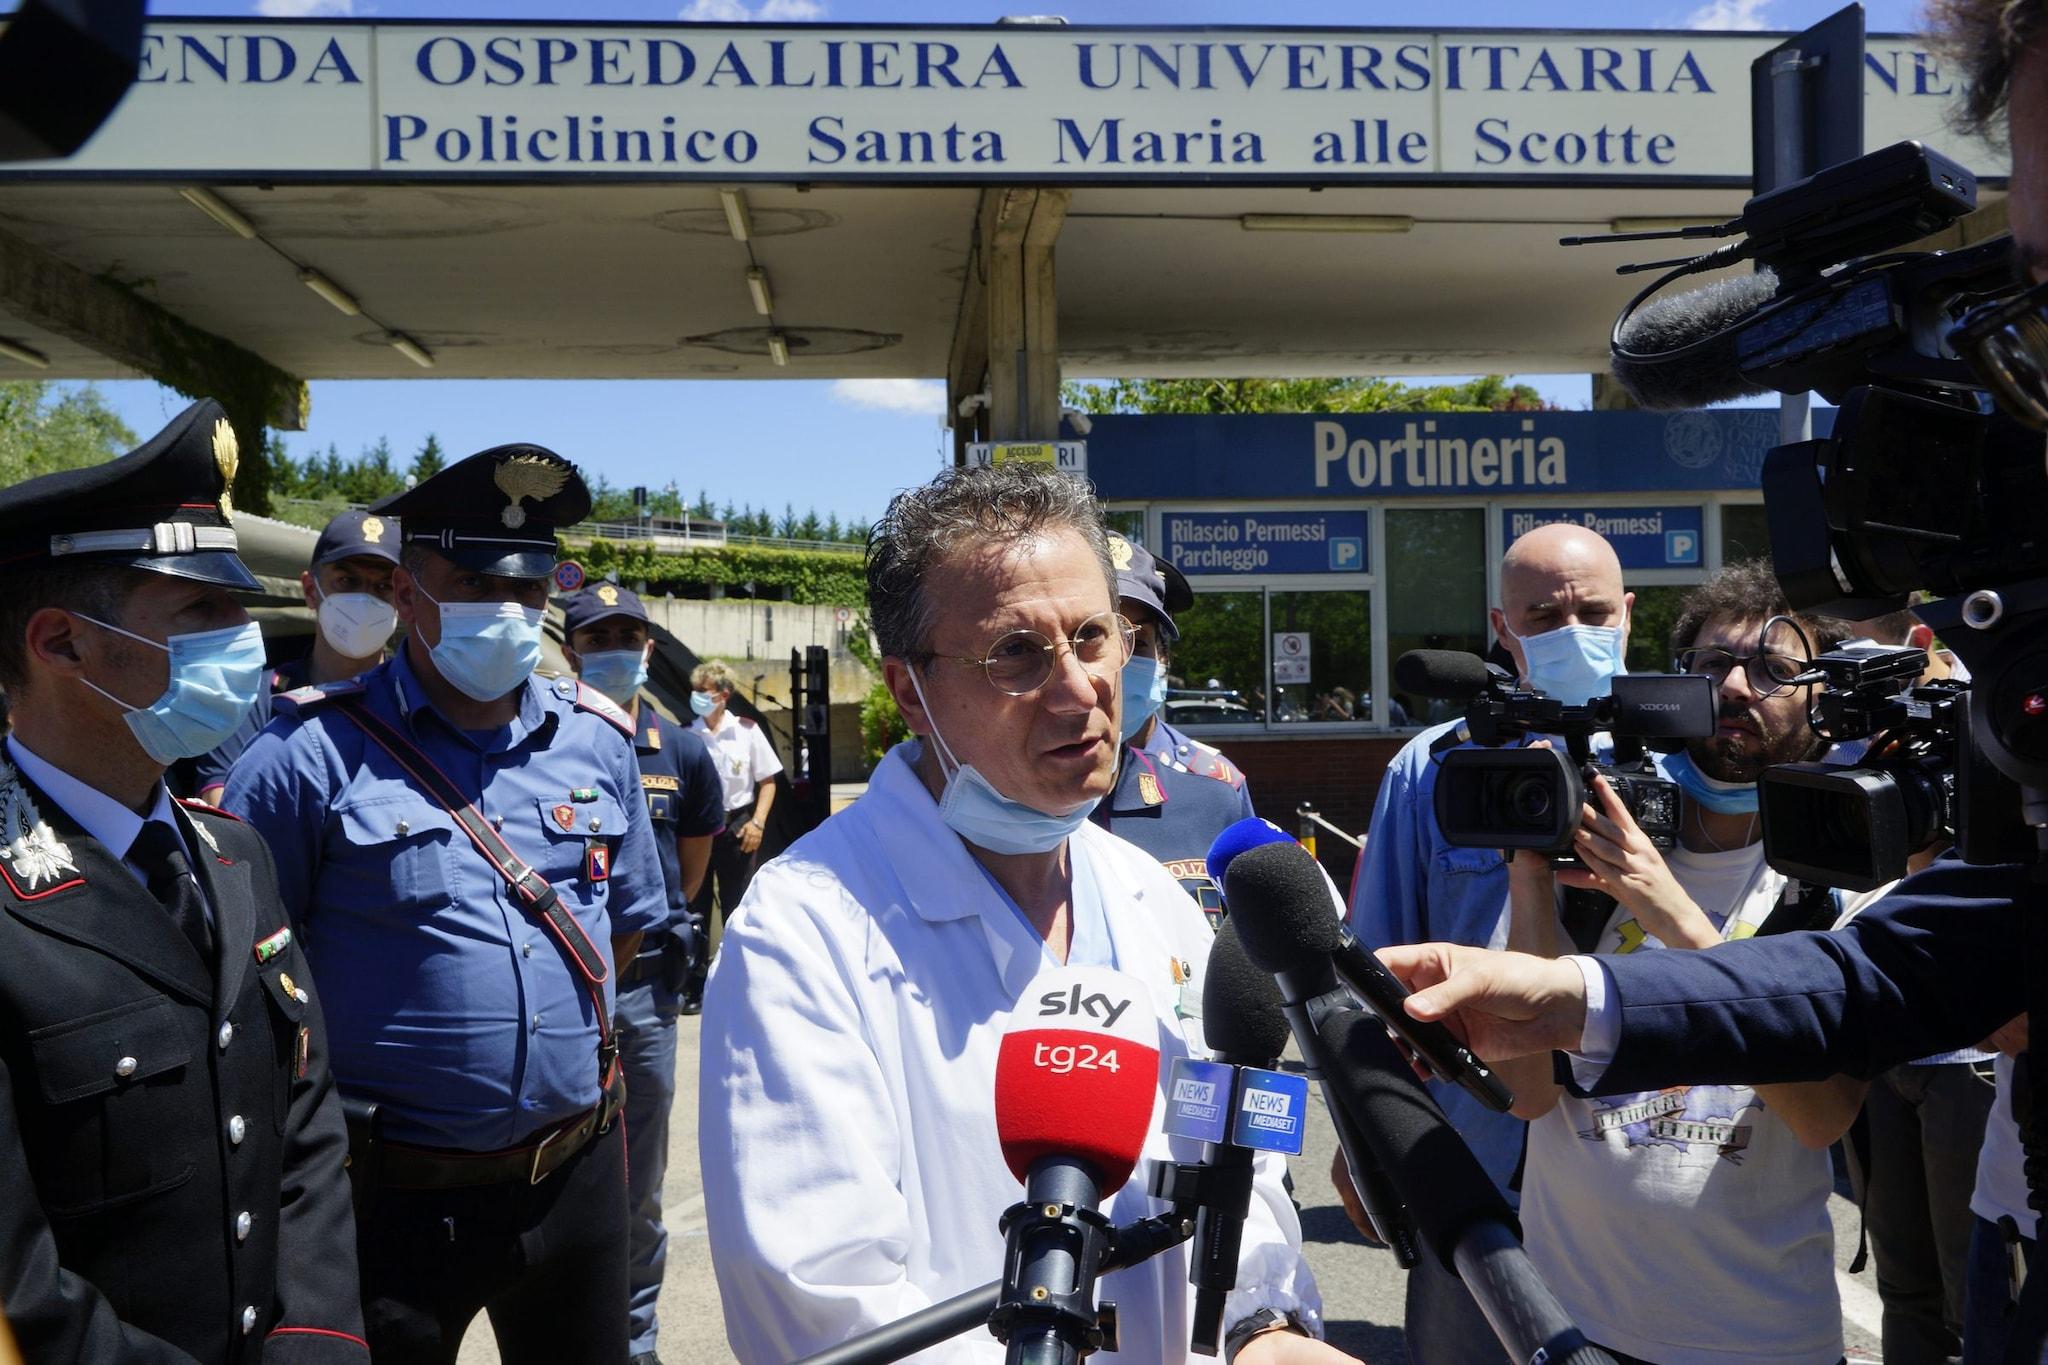 Sabino Scolletta, direttore del Dipartimento Emergenza Urgenza dell'Aou senese